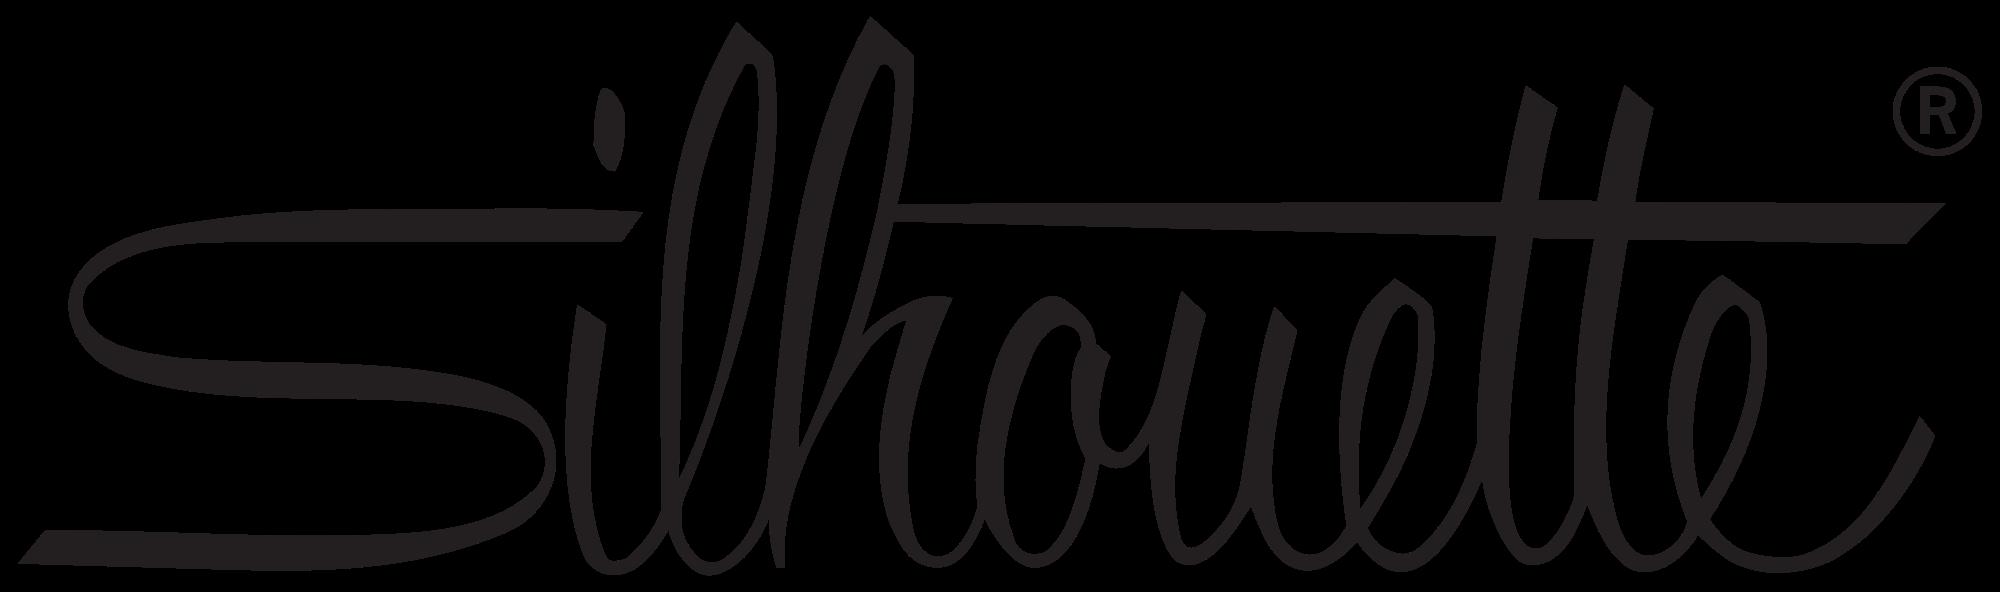 Silhouette_(Unternehmen)_logo